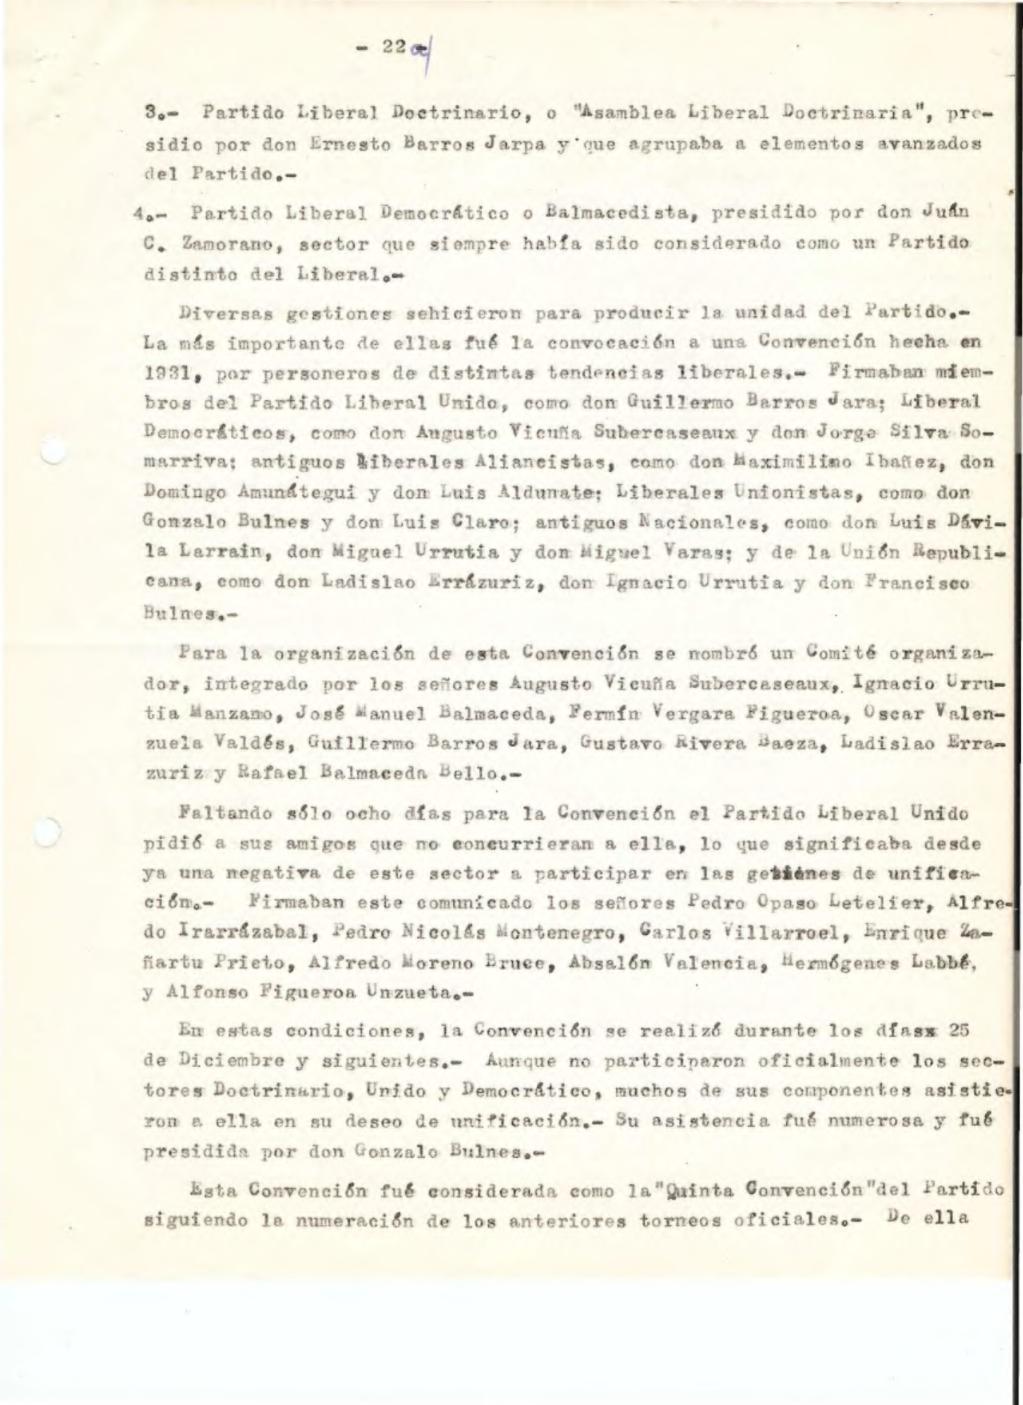 Página:ECH 2840 3 - Liberal, Partido djvu/22 - Wikisource